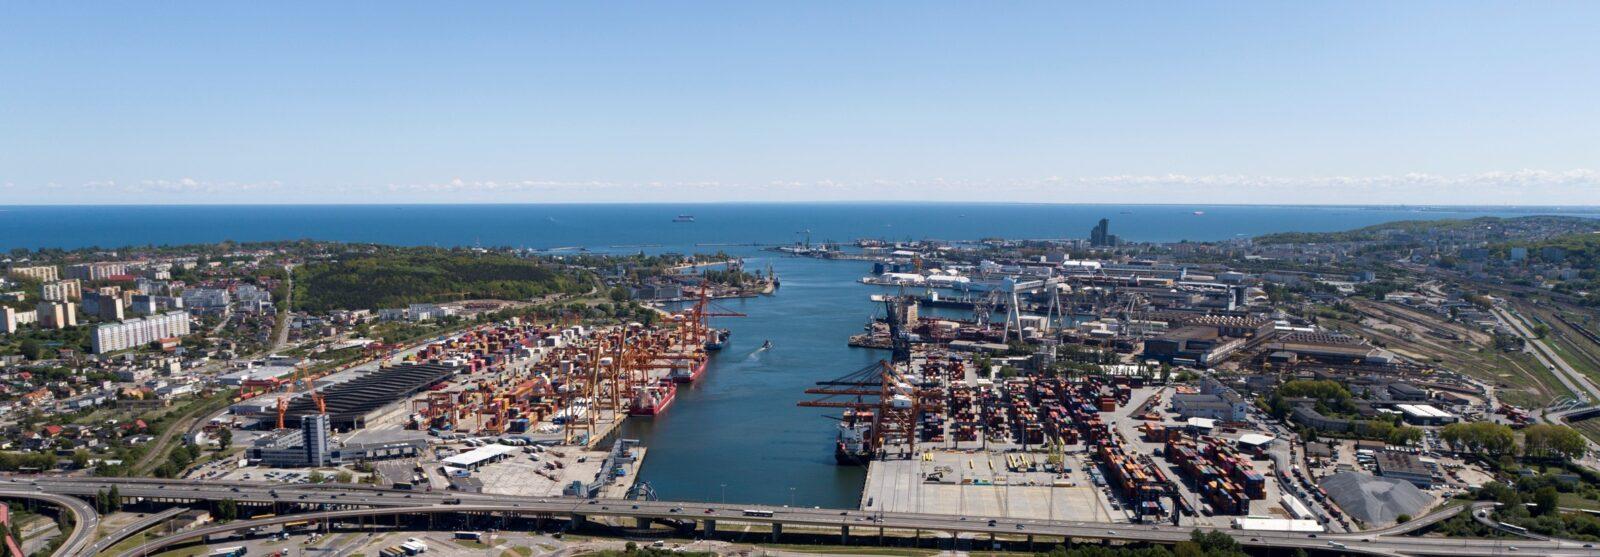 Port Gdynia ogłosił przetarg na terminal kontenerowy i instalacyjny dla morskich farm wiatrowych